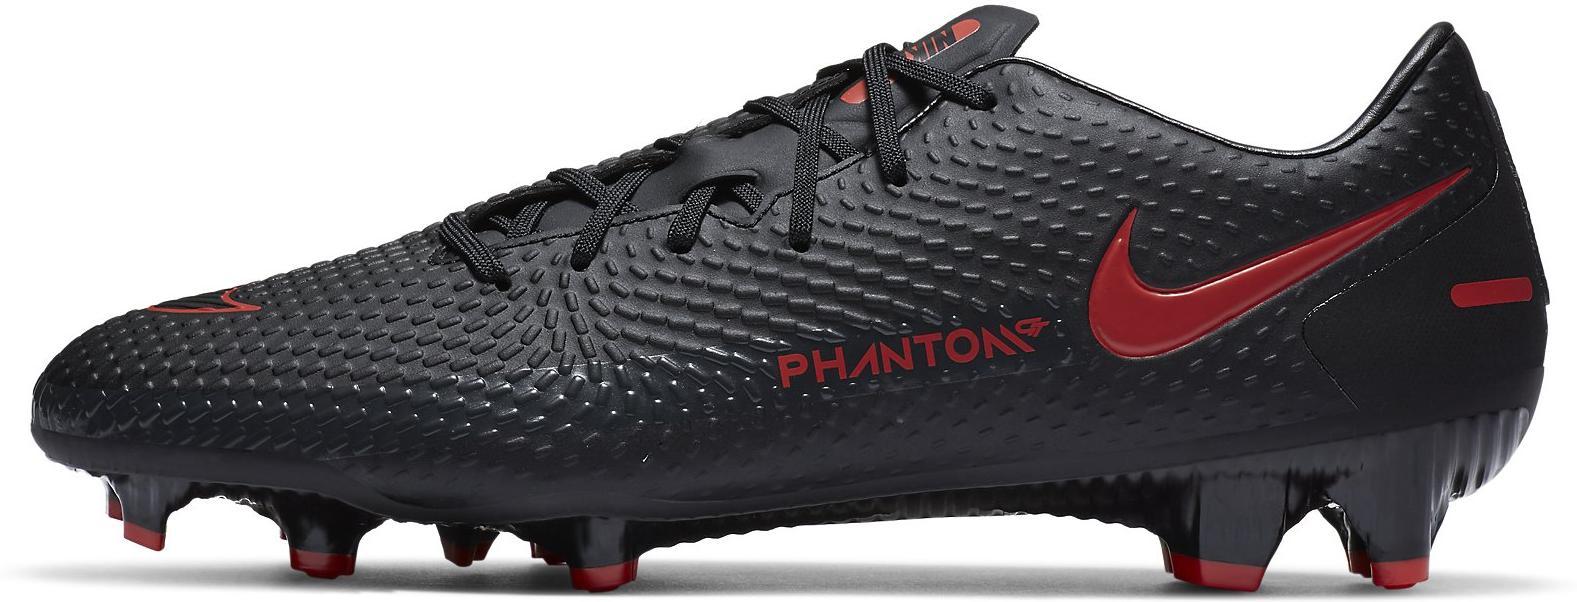 Kopačky Nike PHANTOM GT ACADEMY FG/MG černá